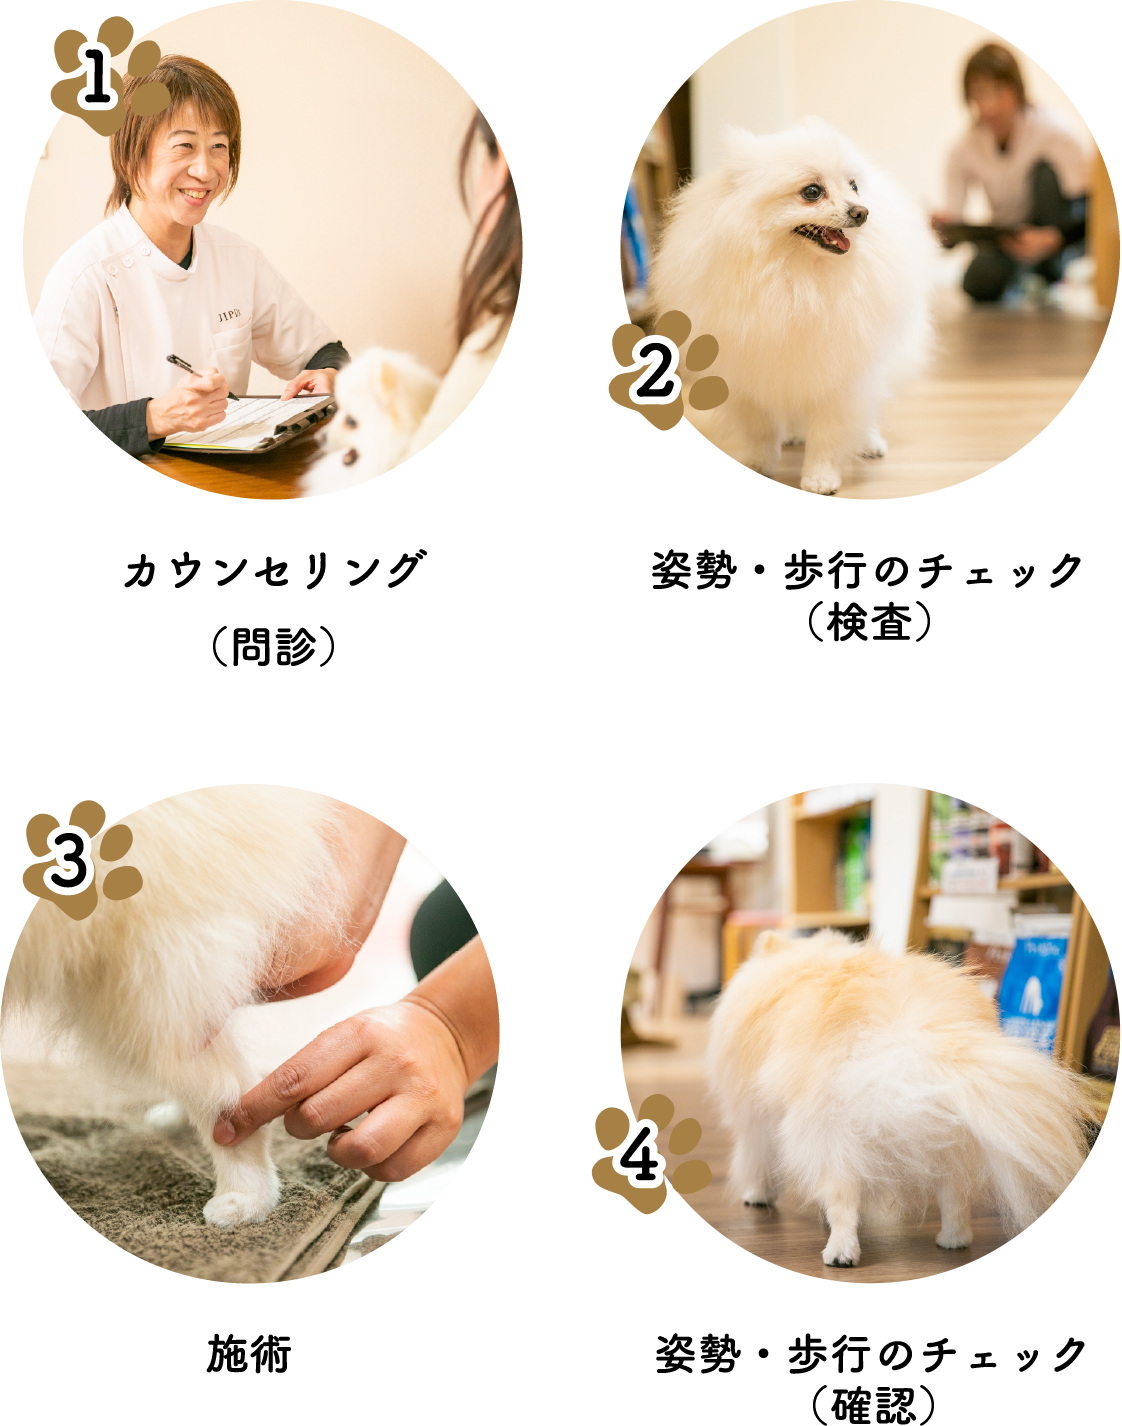 1カウンセリング(問診)2姿勢・歩行のチェック(検査)3施術4姿勢・歩行のチェック(確認)